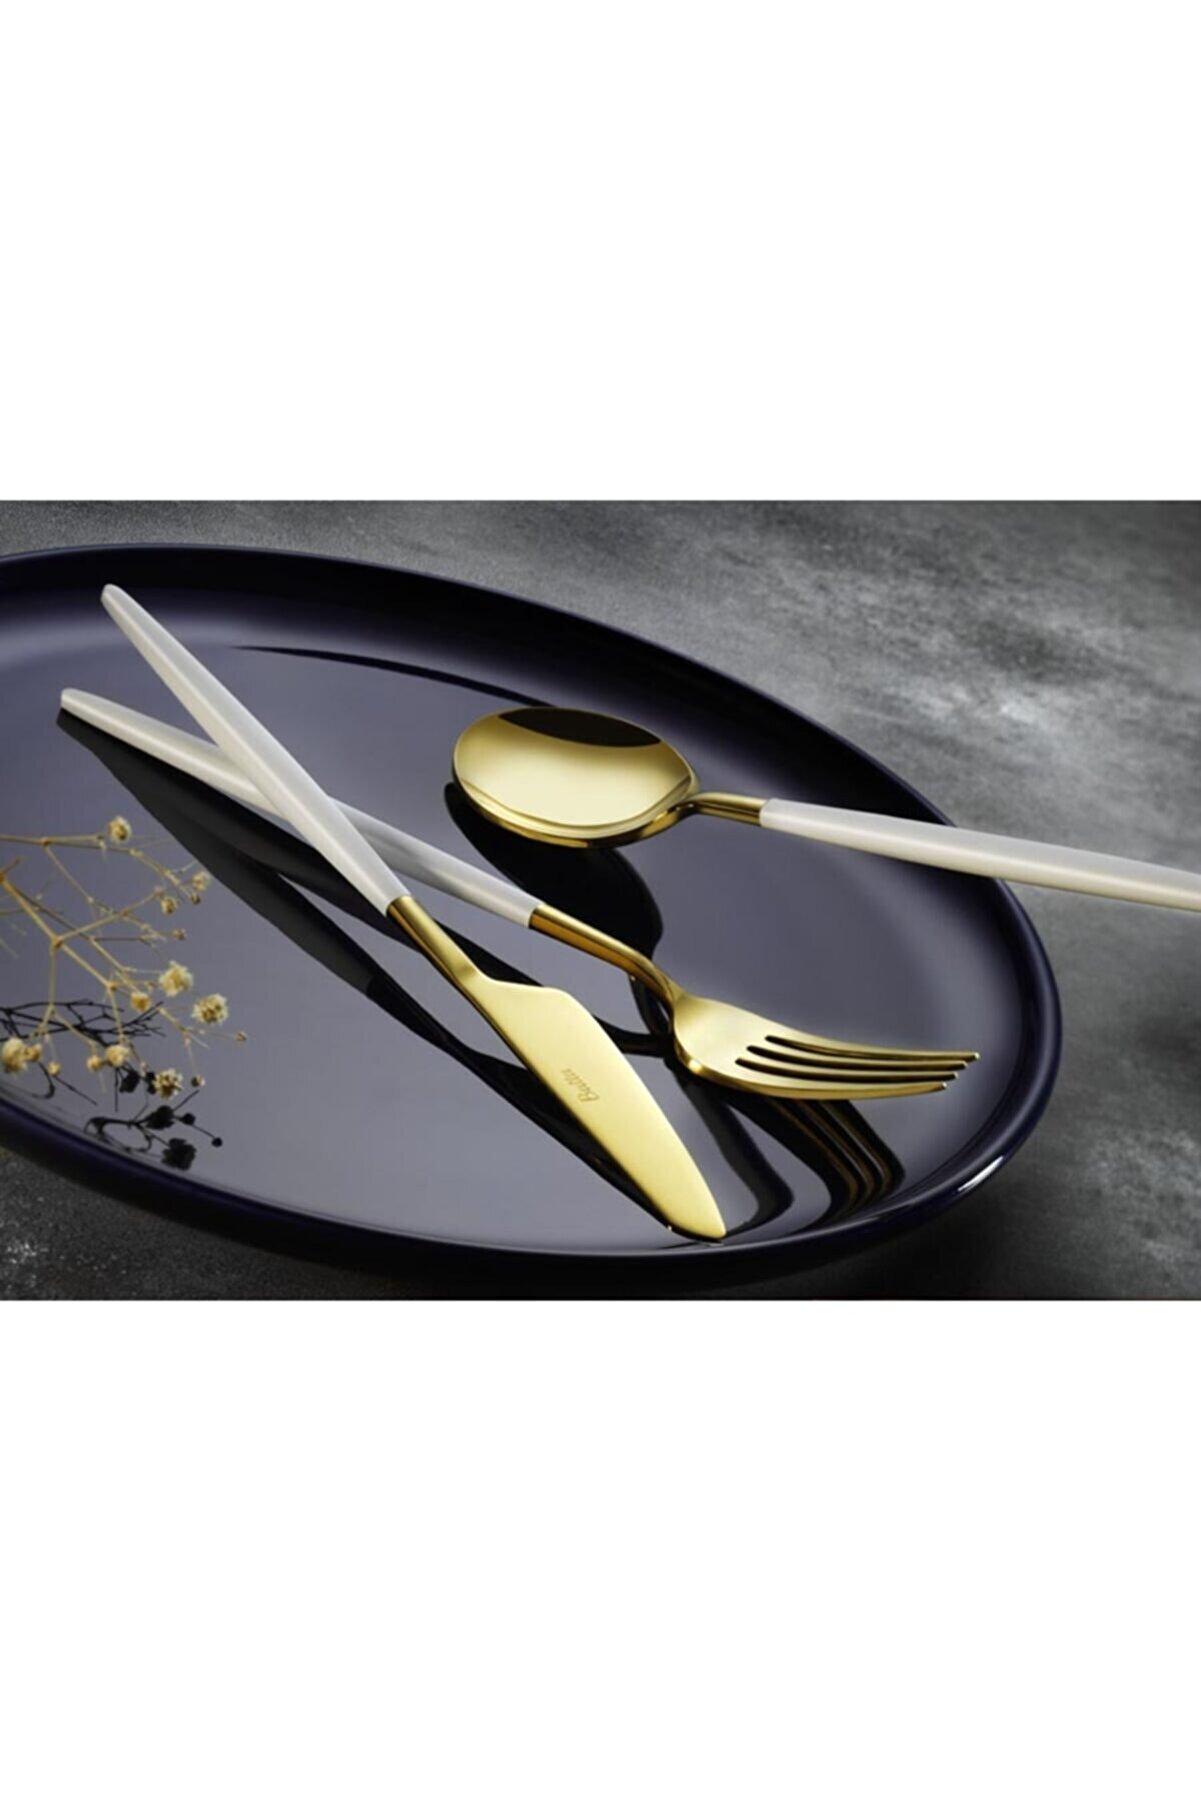 Batta Parlak Gold Beyaz Tatlı Çatal Kaşık Bıçak Takımı 8000 Model 6 Kişilik 18 Parça